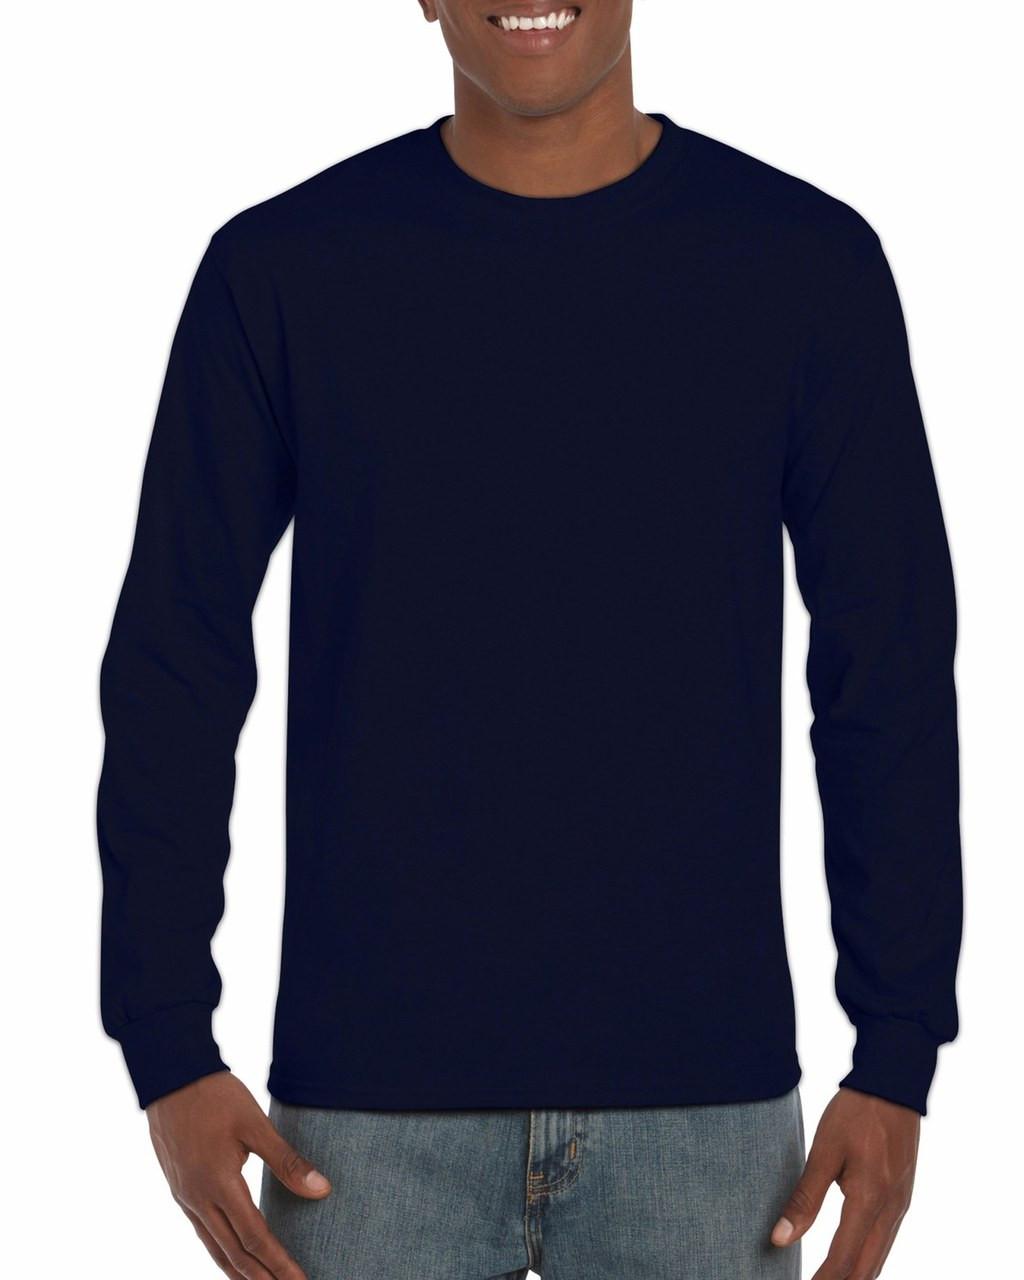 d321ff120205 2400 - Gildan® Ultra Cotton™ Adult Long Sleeve T-Shirt - Online Workwear